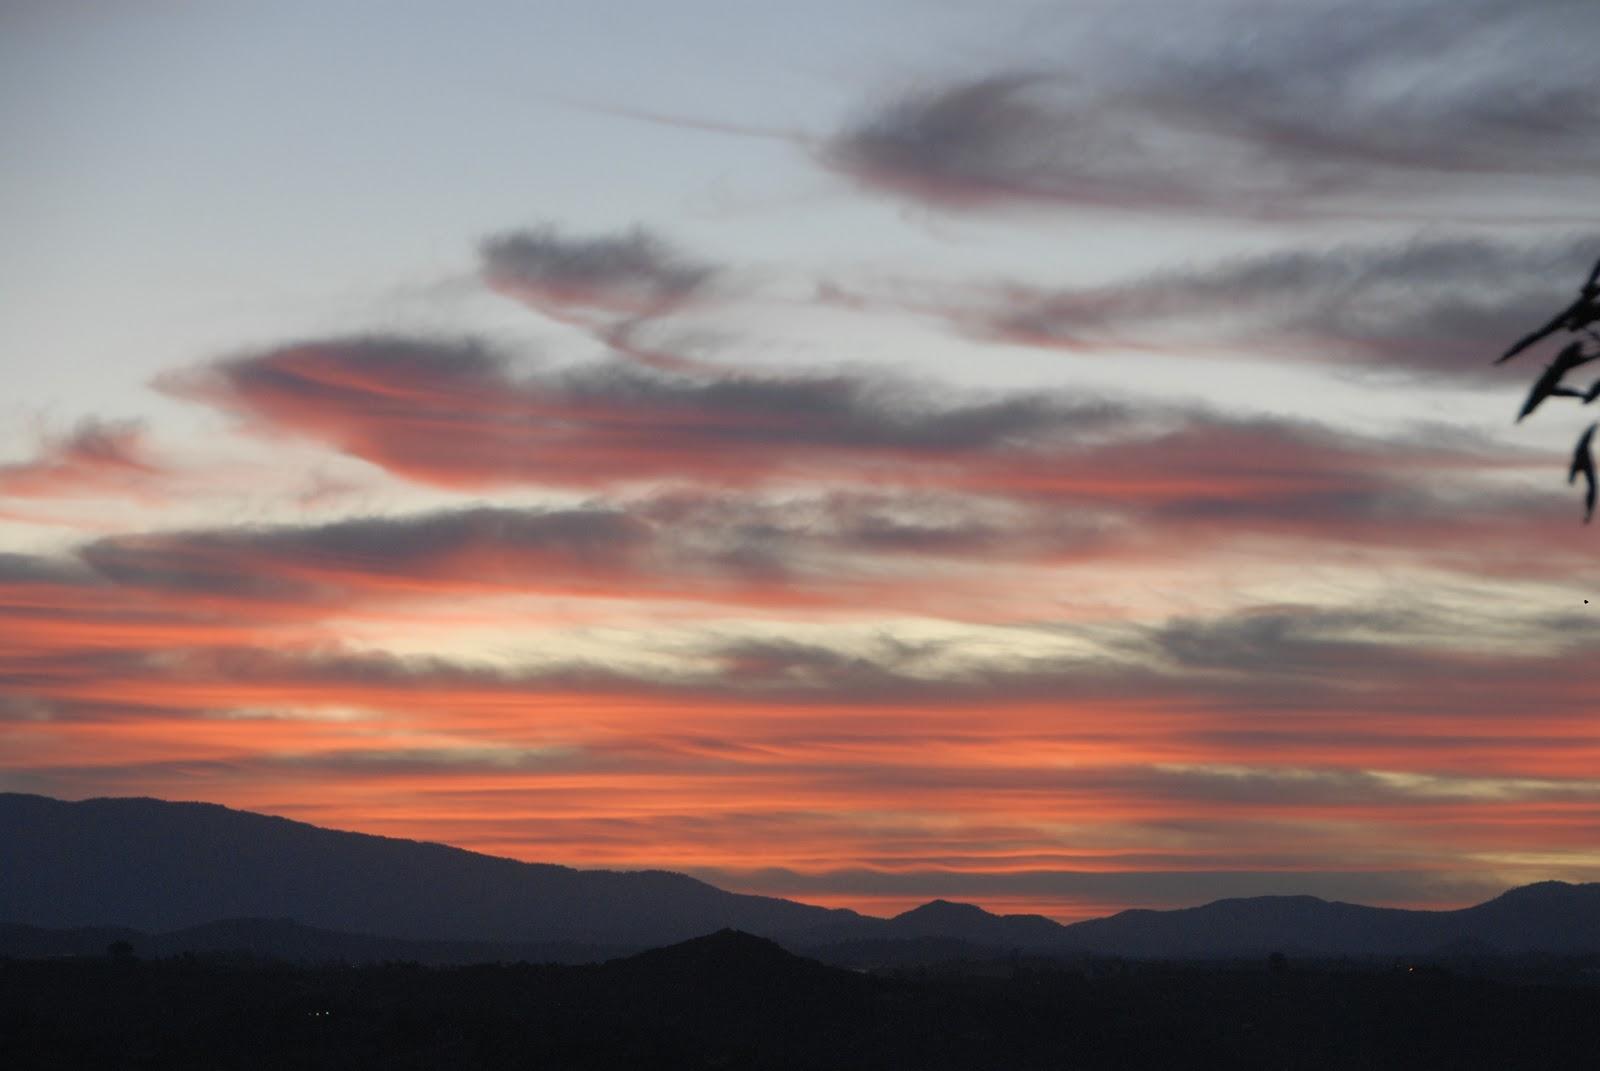 view of Palomar Mountain